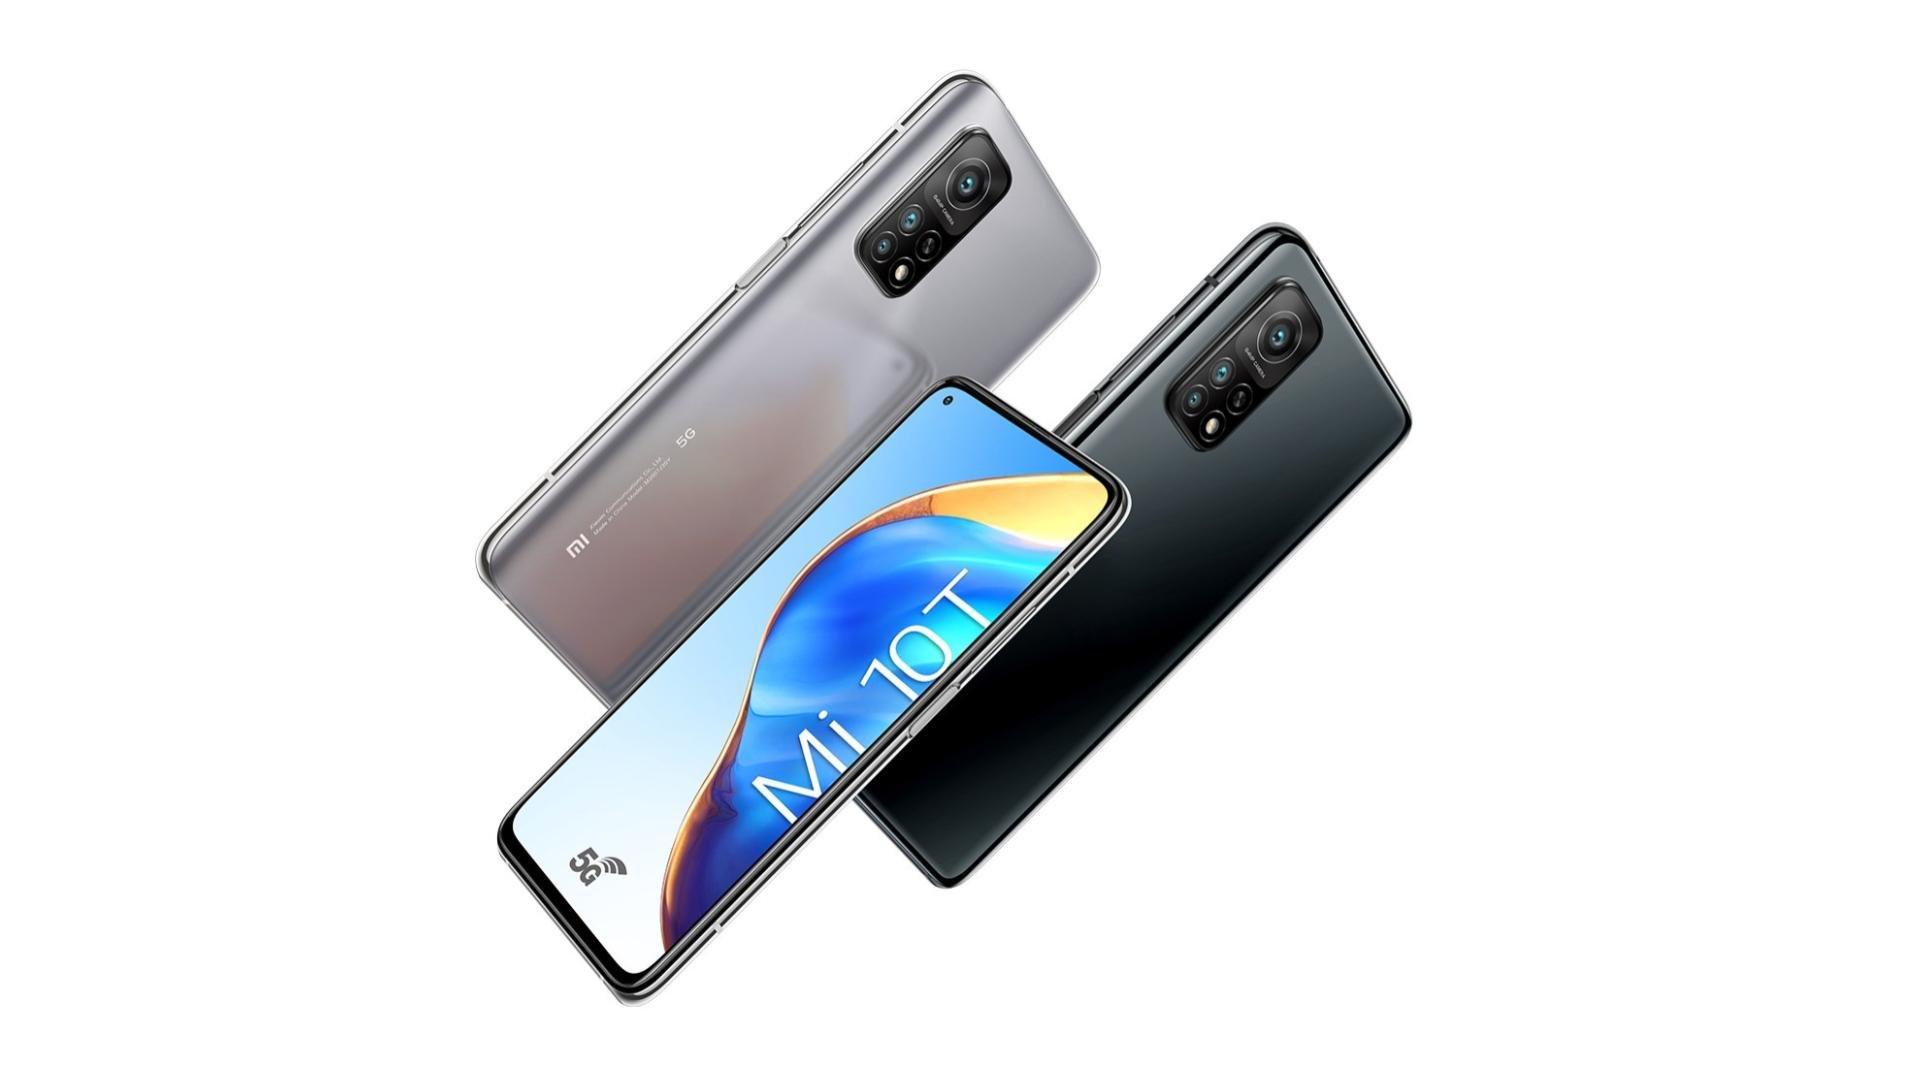 Mi 10T Xiaomi